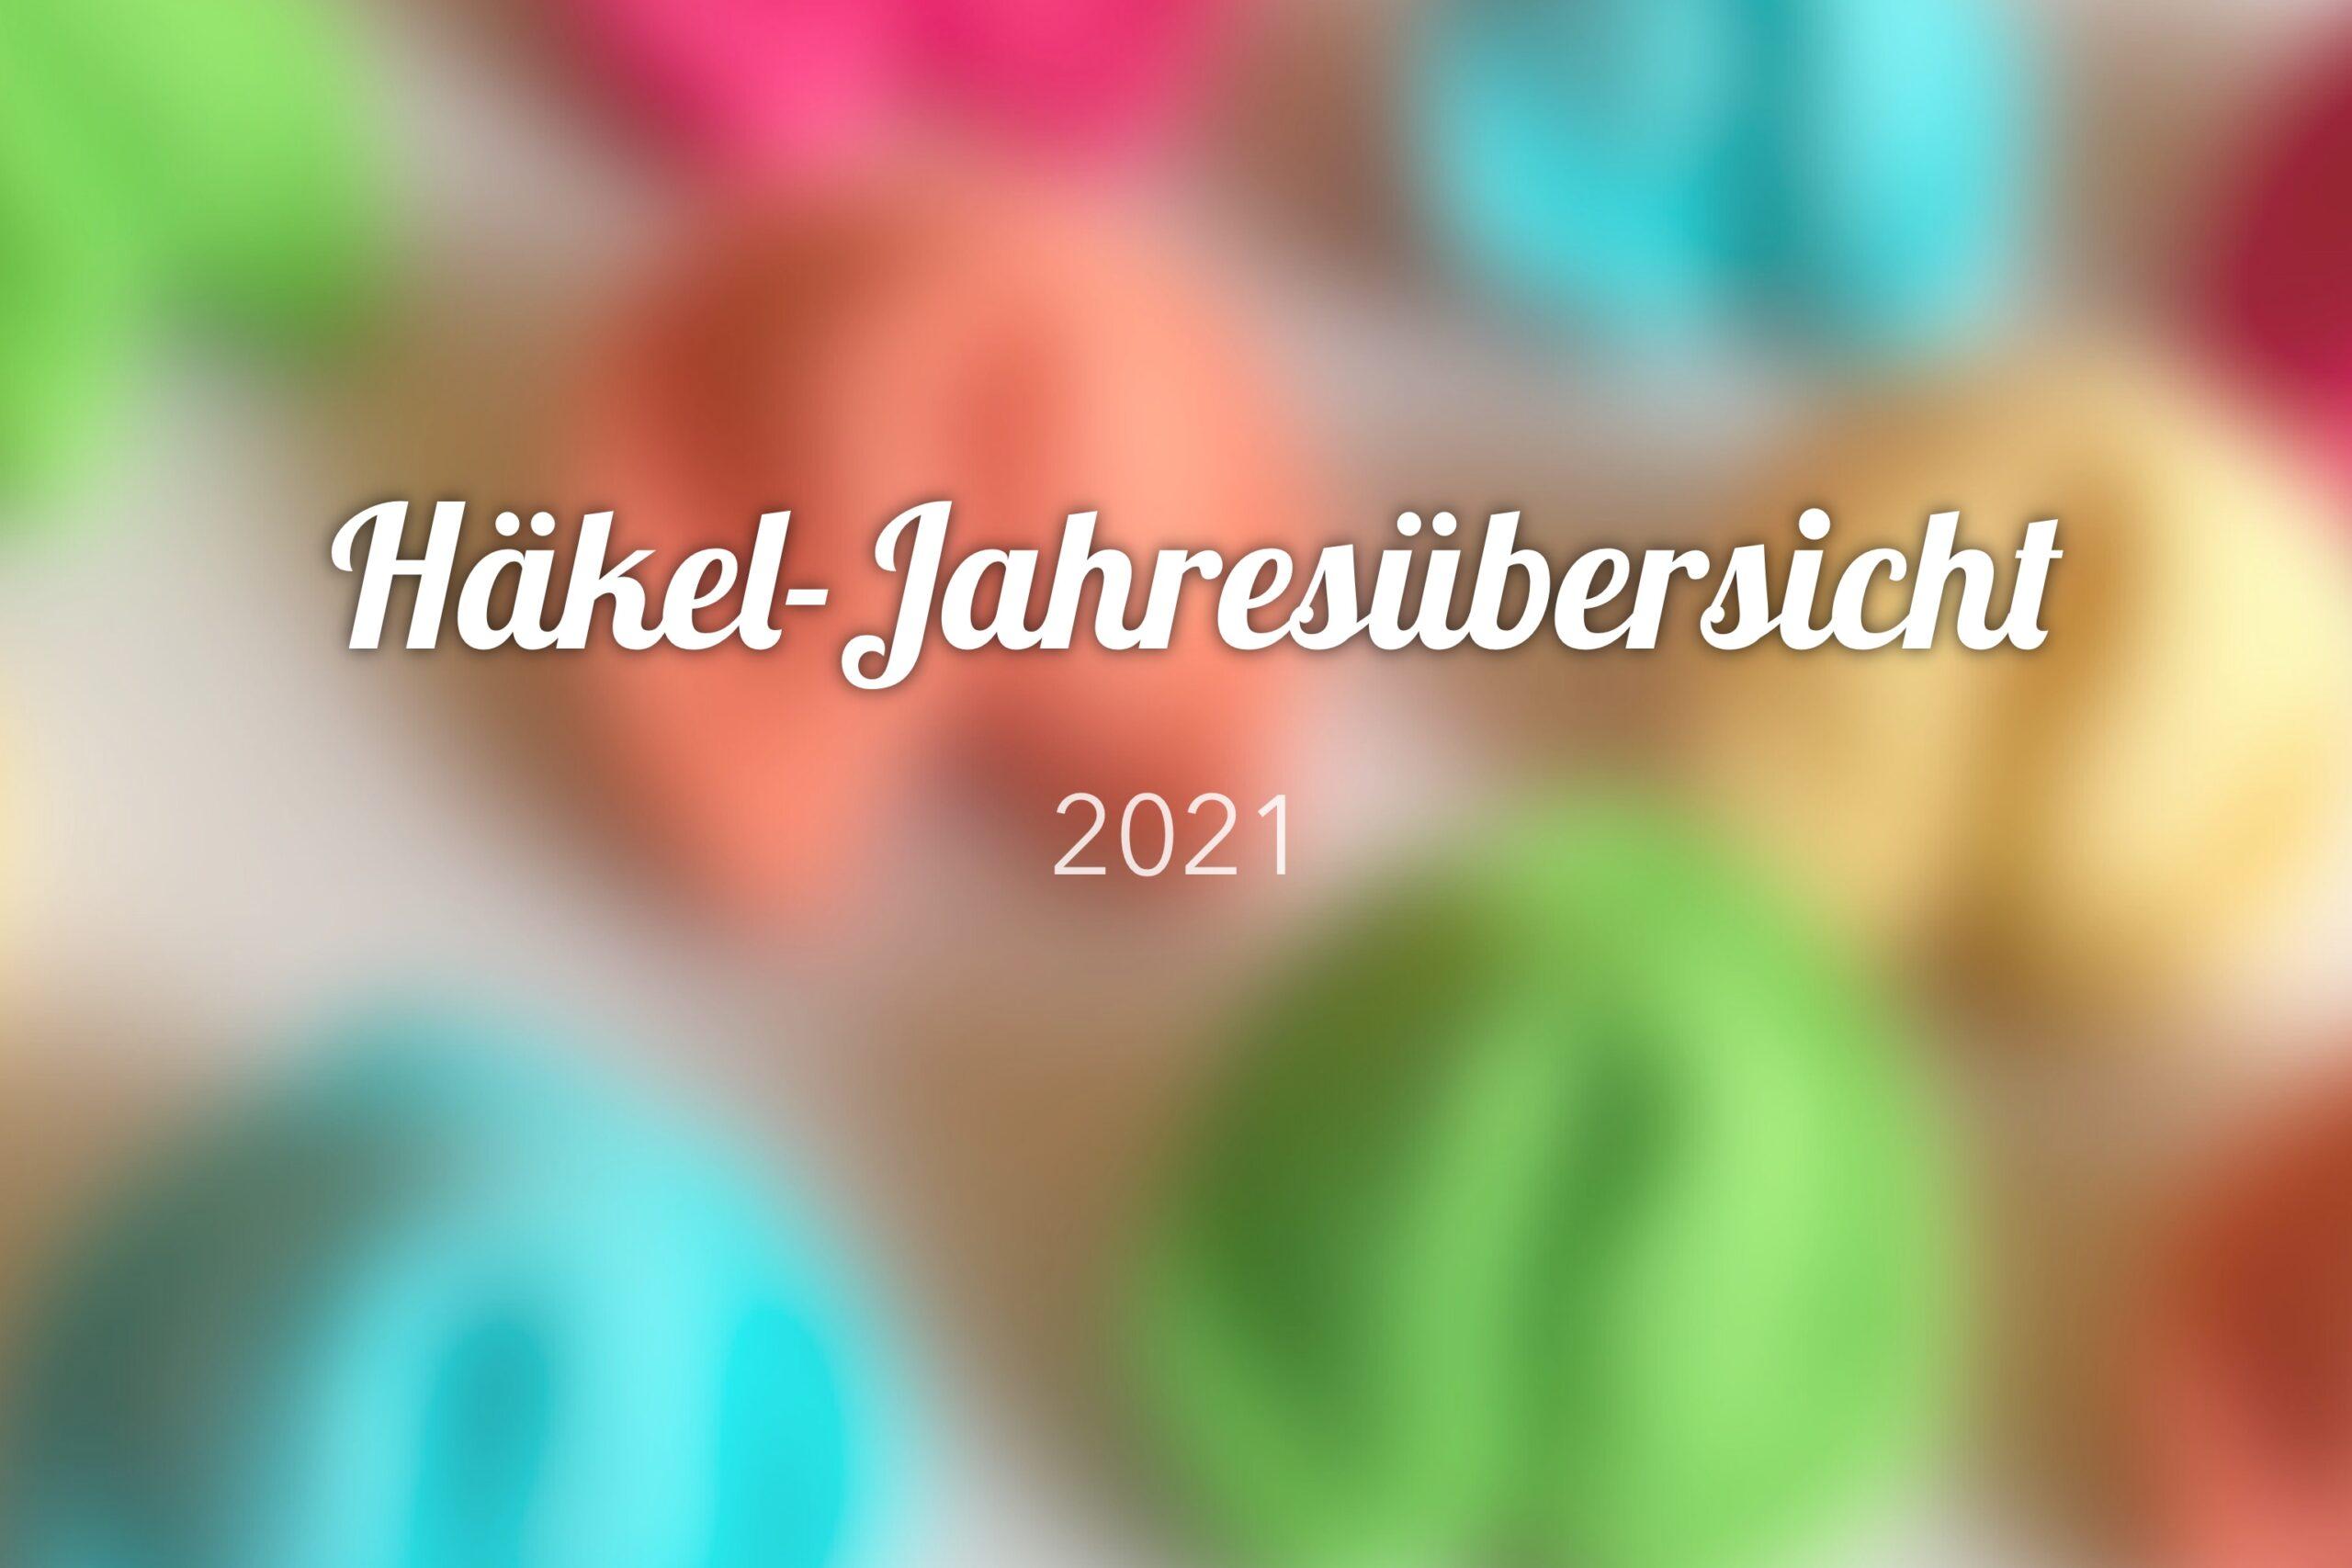 Häkel-Jahresübersicht 2021